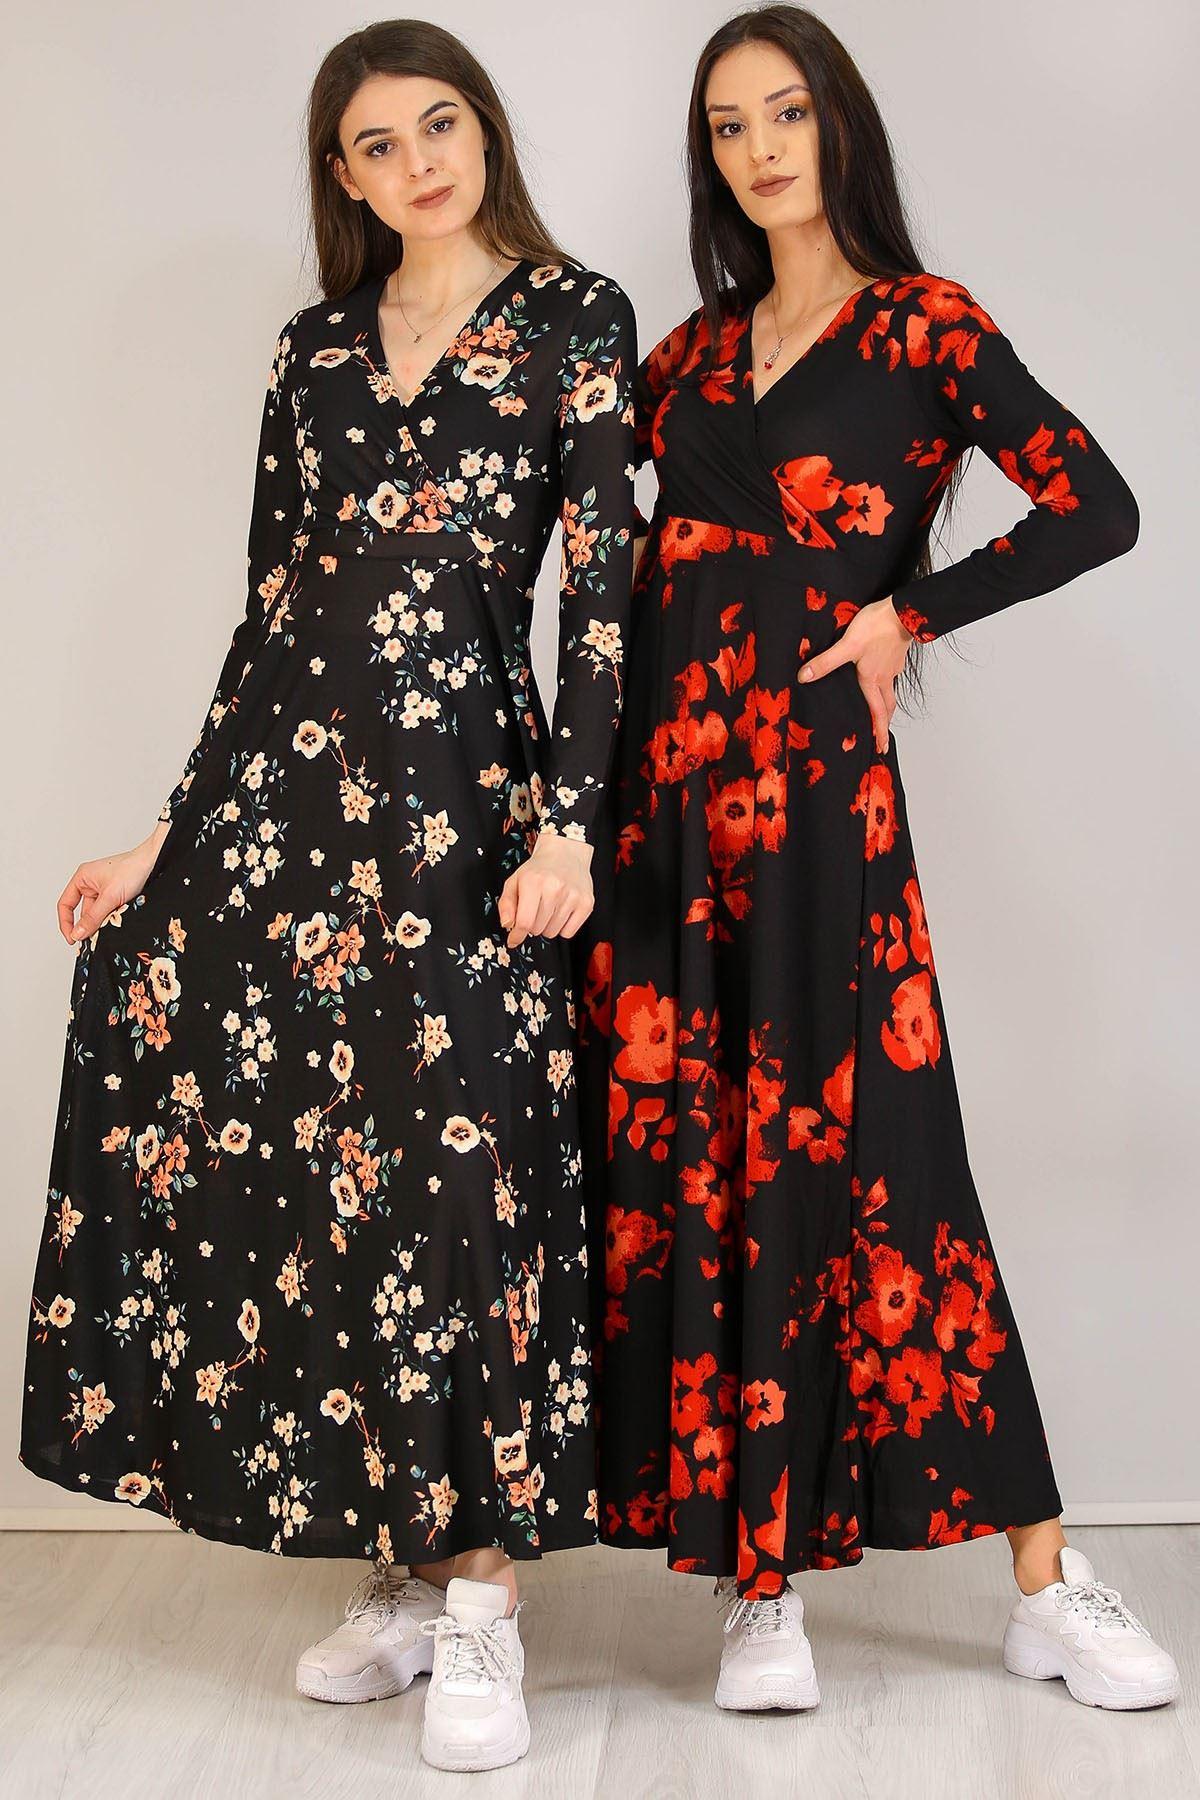 Çiçekli Elbise Siyahçiçekli - 4987.716.